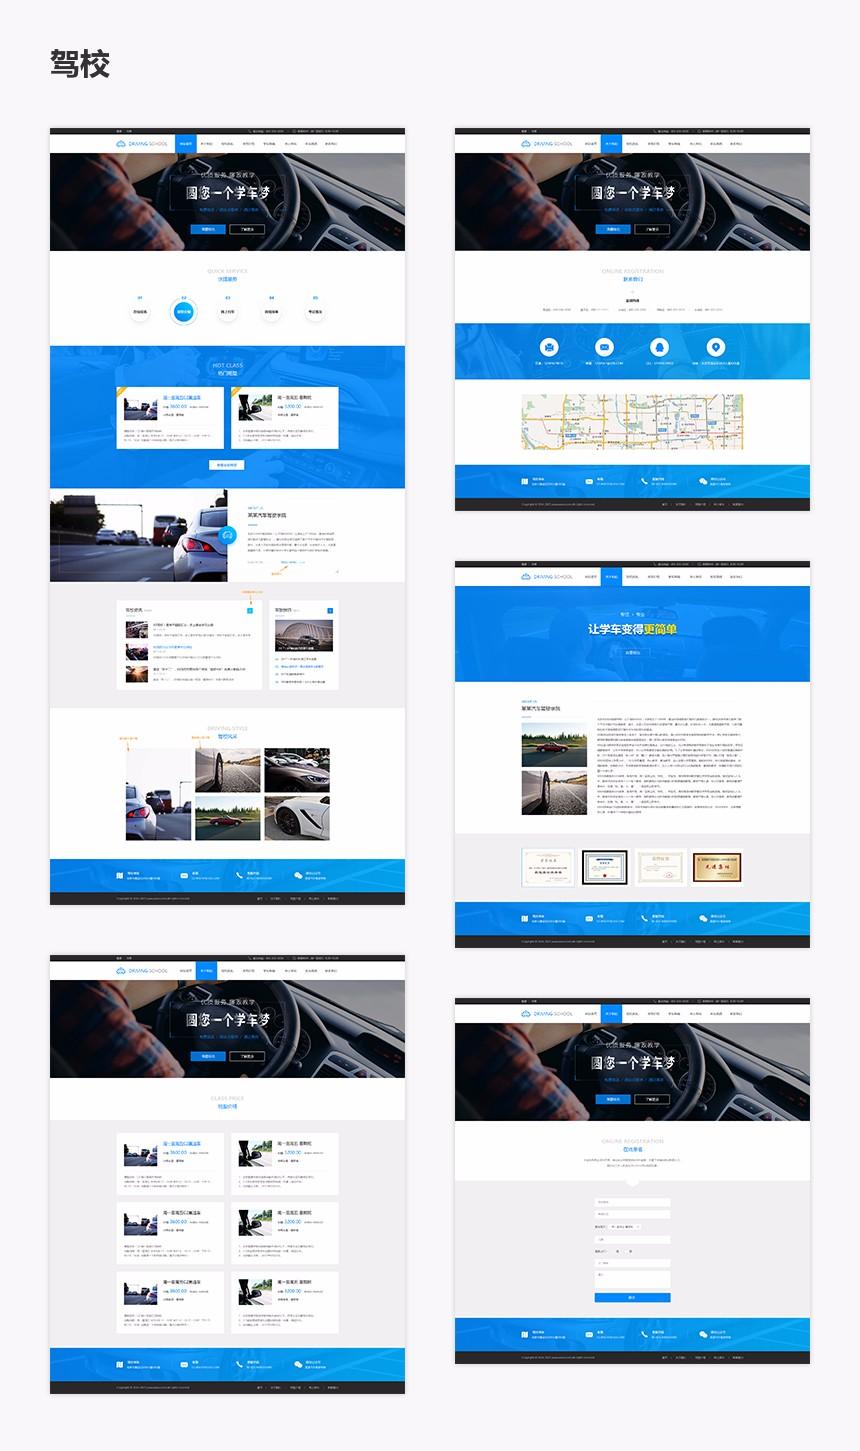 重庆驾校公司驾校行业网站建设.jpg